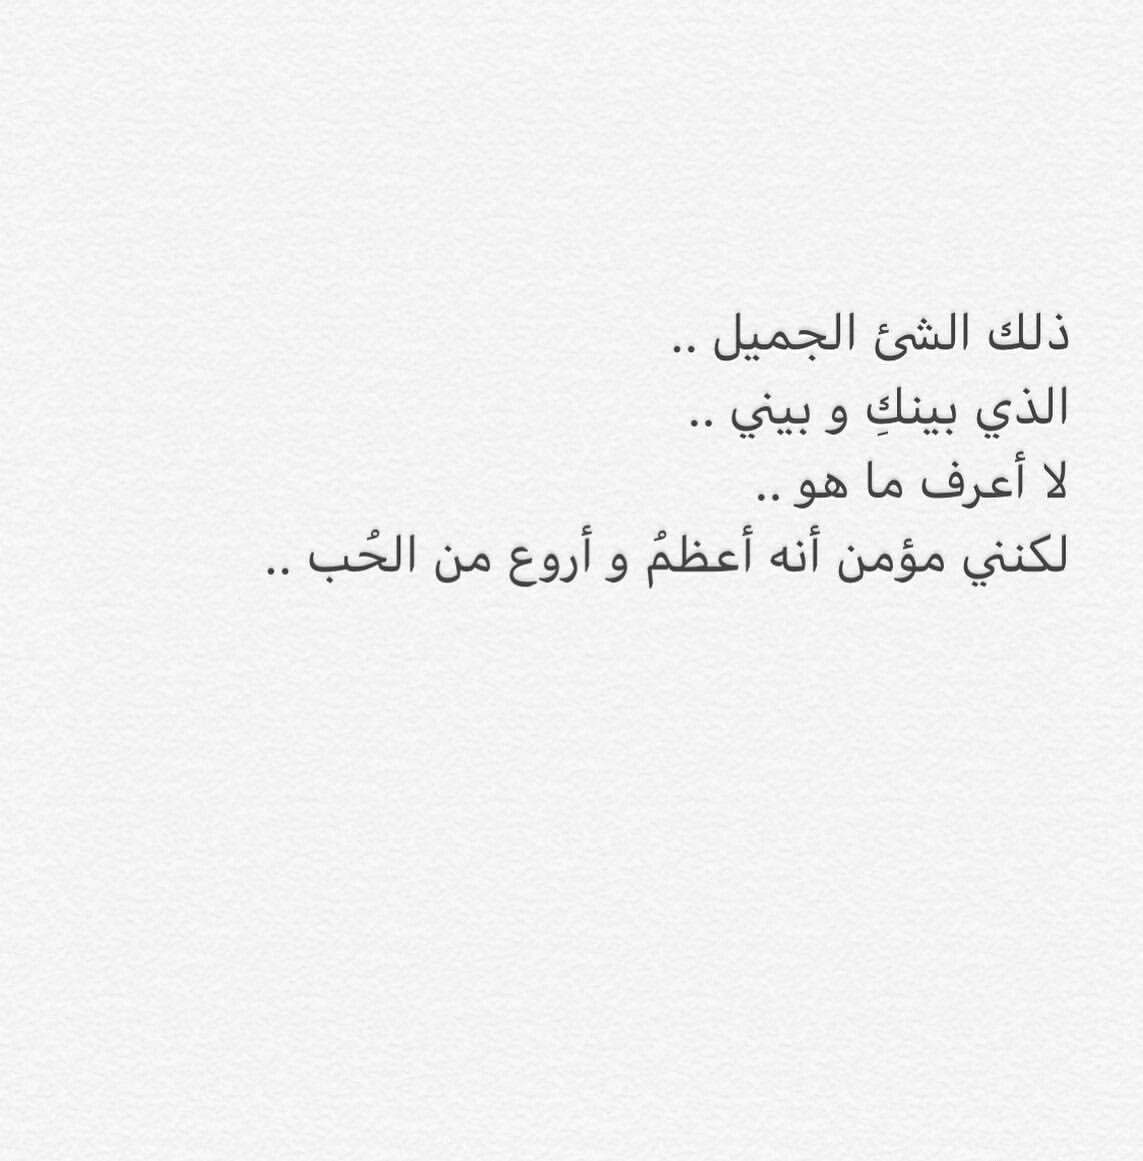 بين الحبيب والمحبوب مشاعر في رسالة عظيمة أروع من الحب Arabic Love Quotes Quotes Quotations